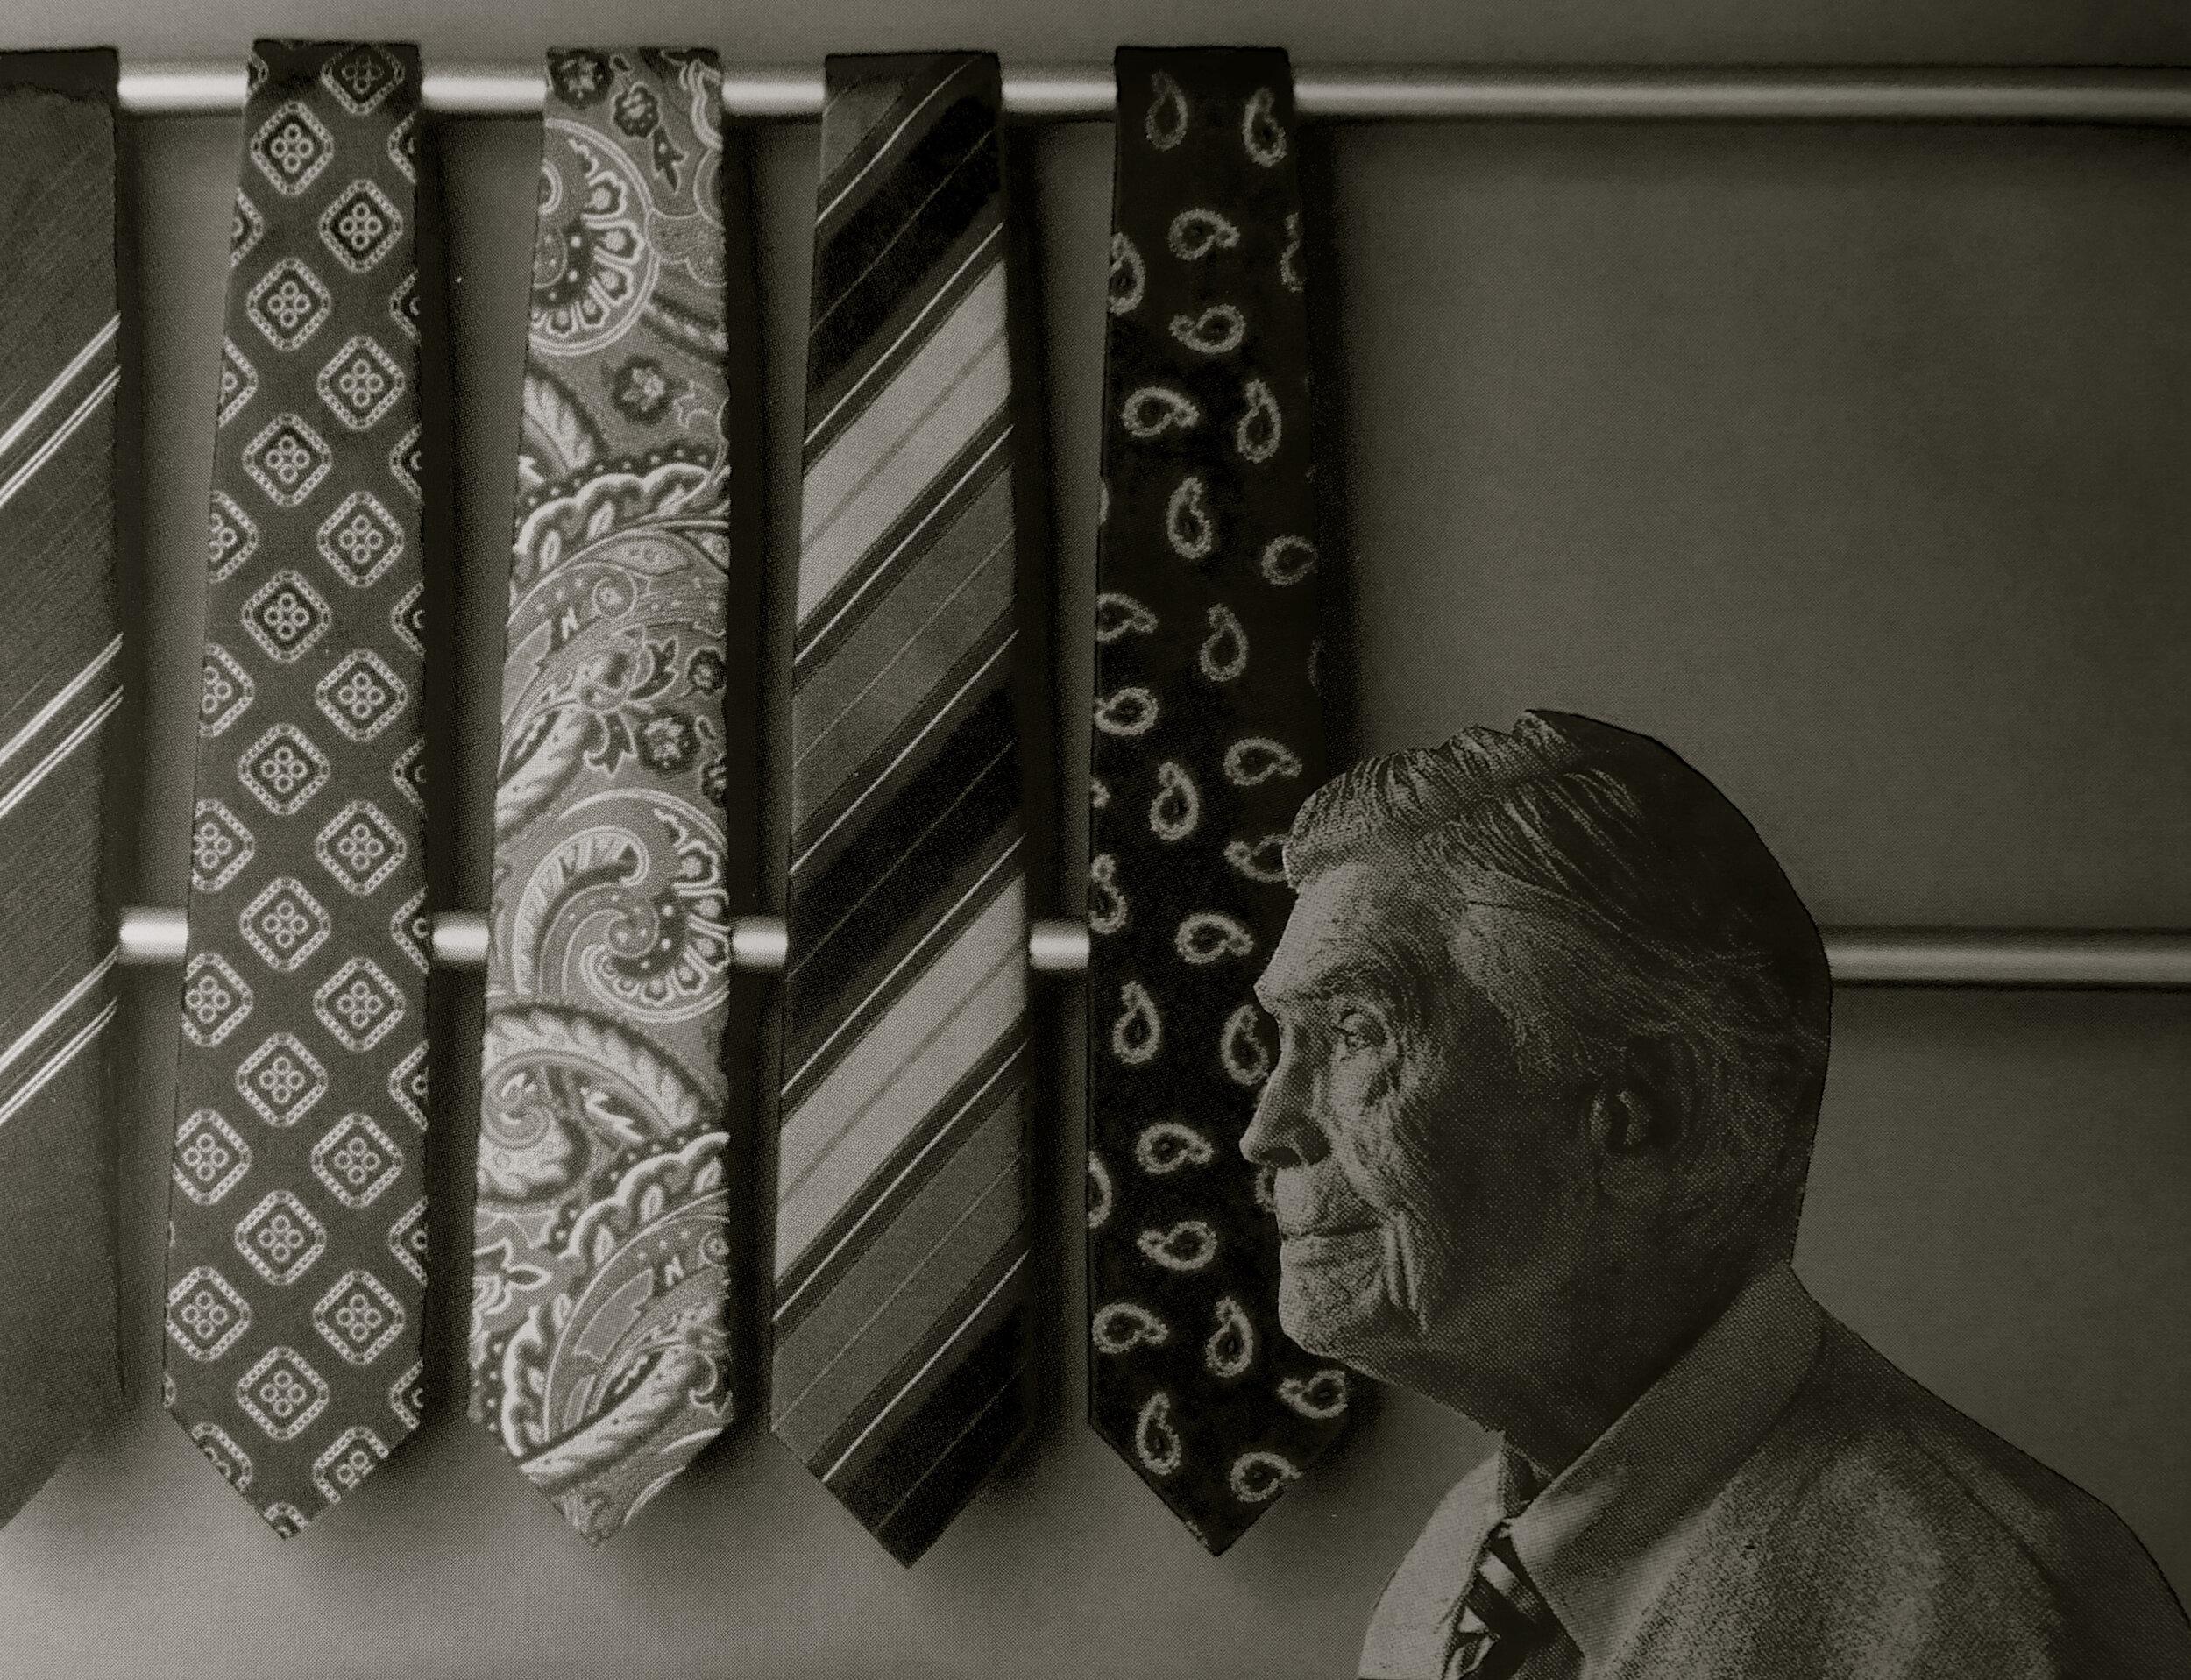 Mario Bunge 100 años - 2